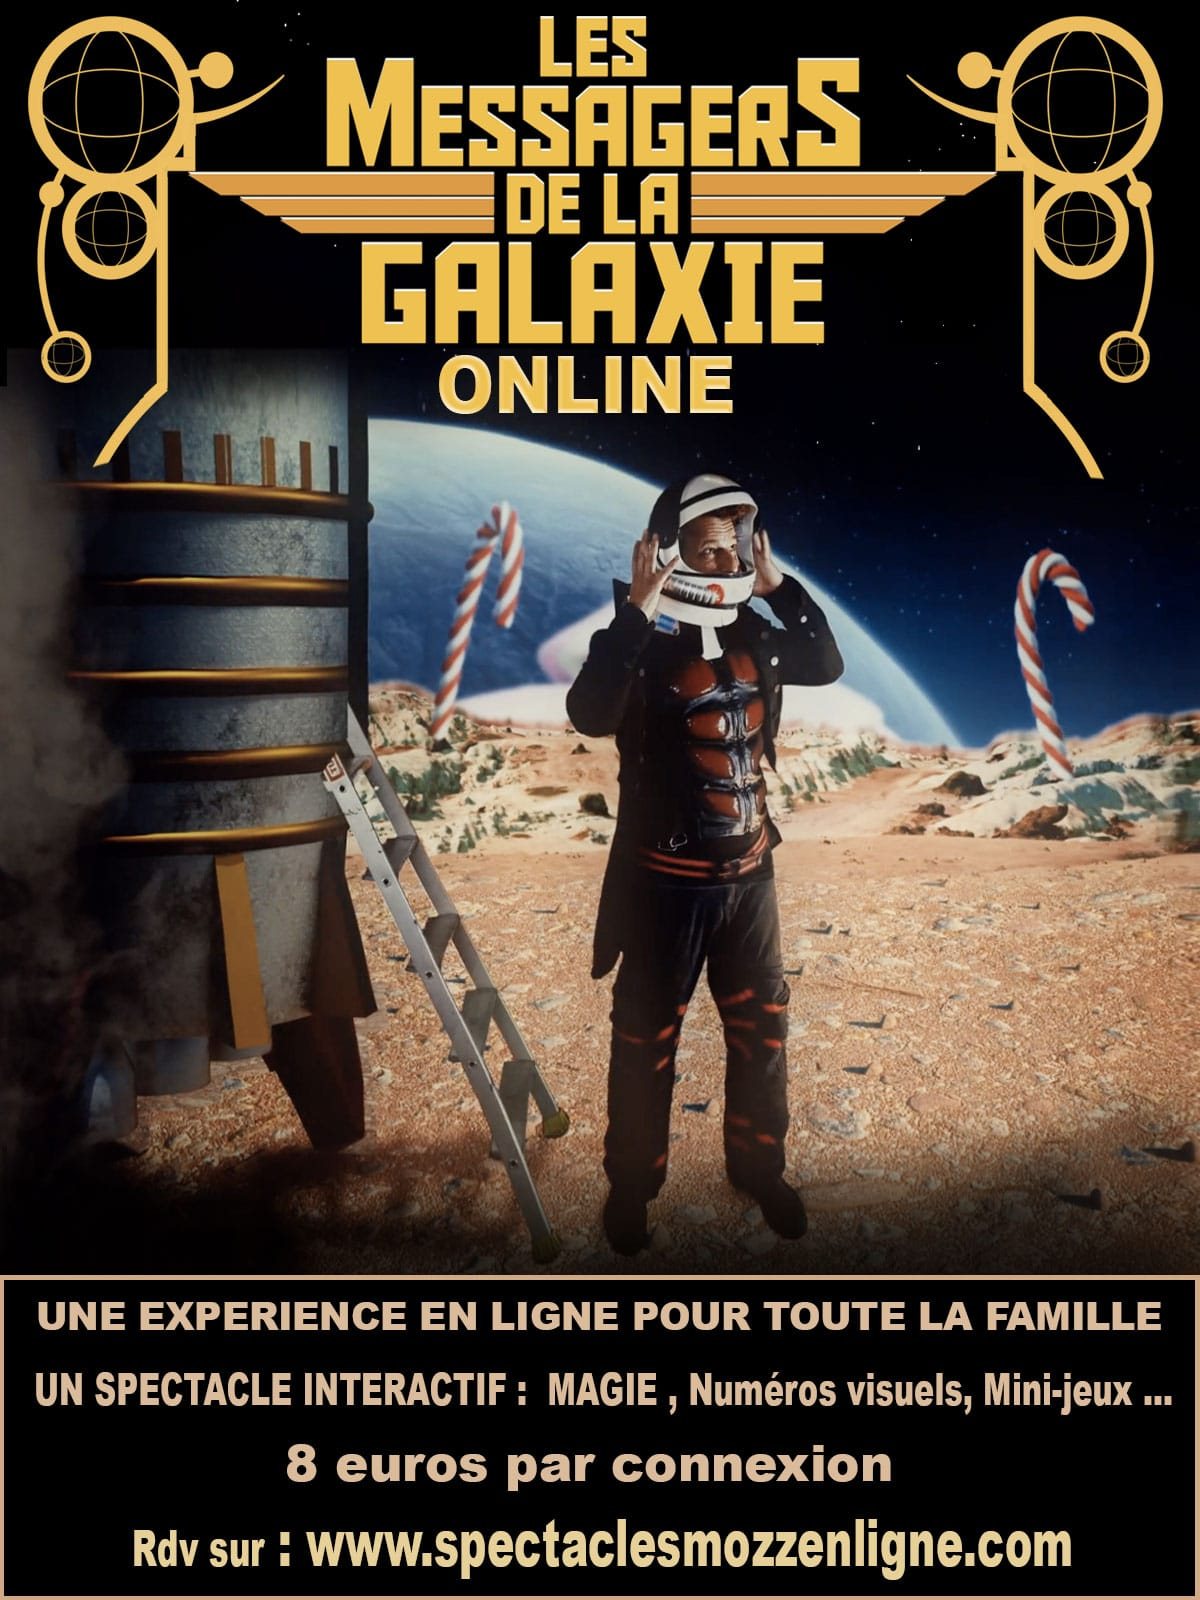 LES MESSAGERS DE LA GALAXIE online affiche spectacle